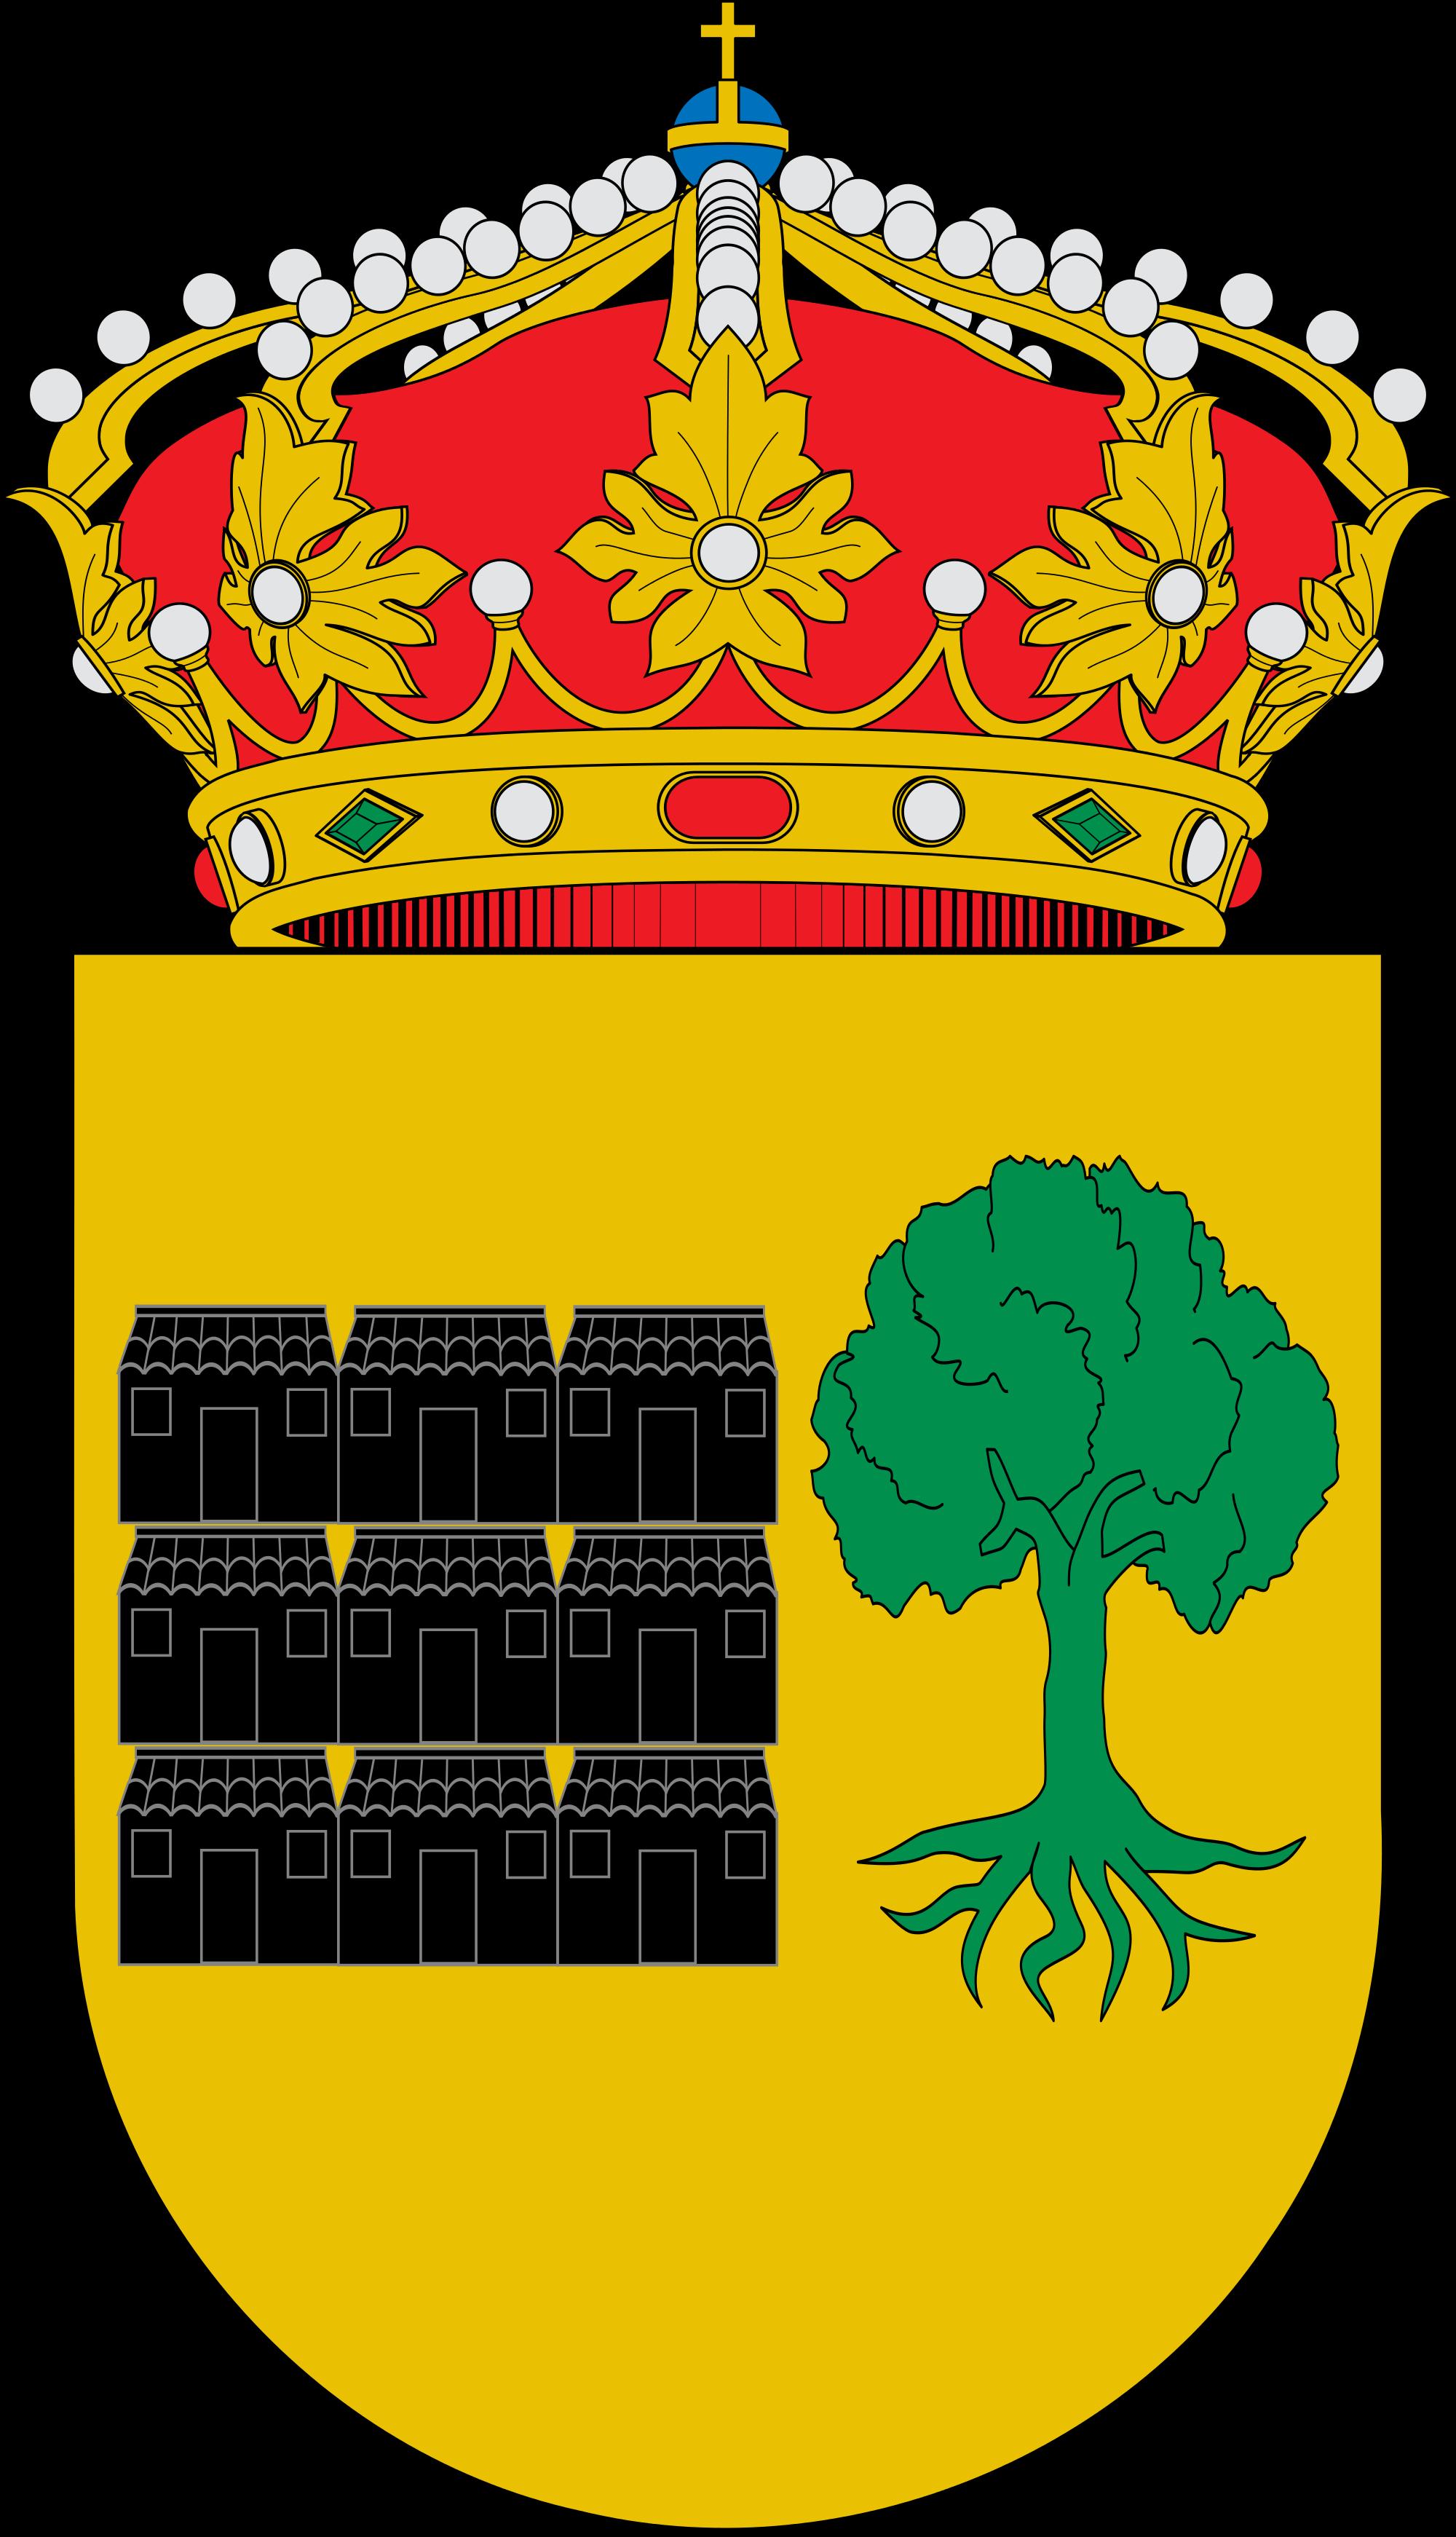 File:Escudo de Villar de la Encina.svg.